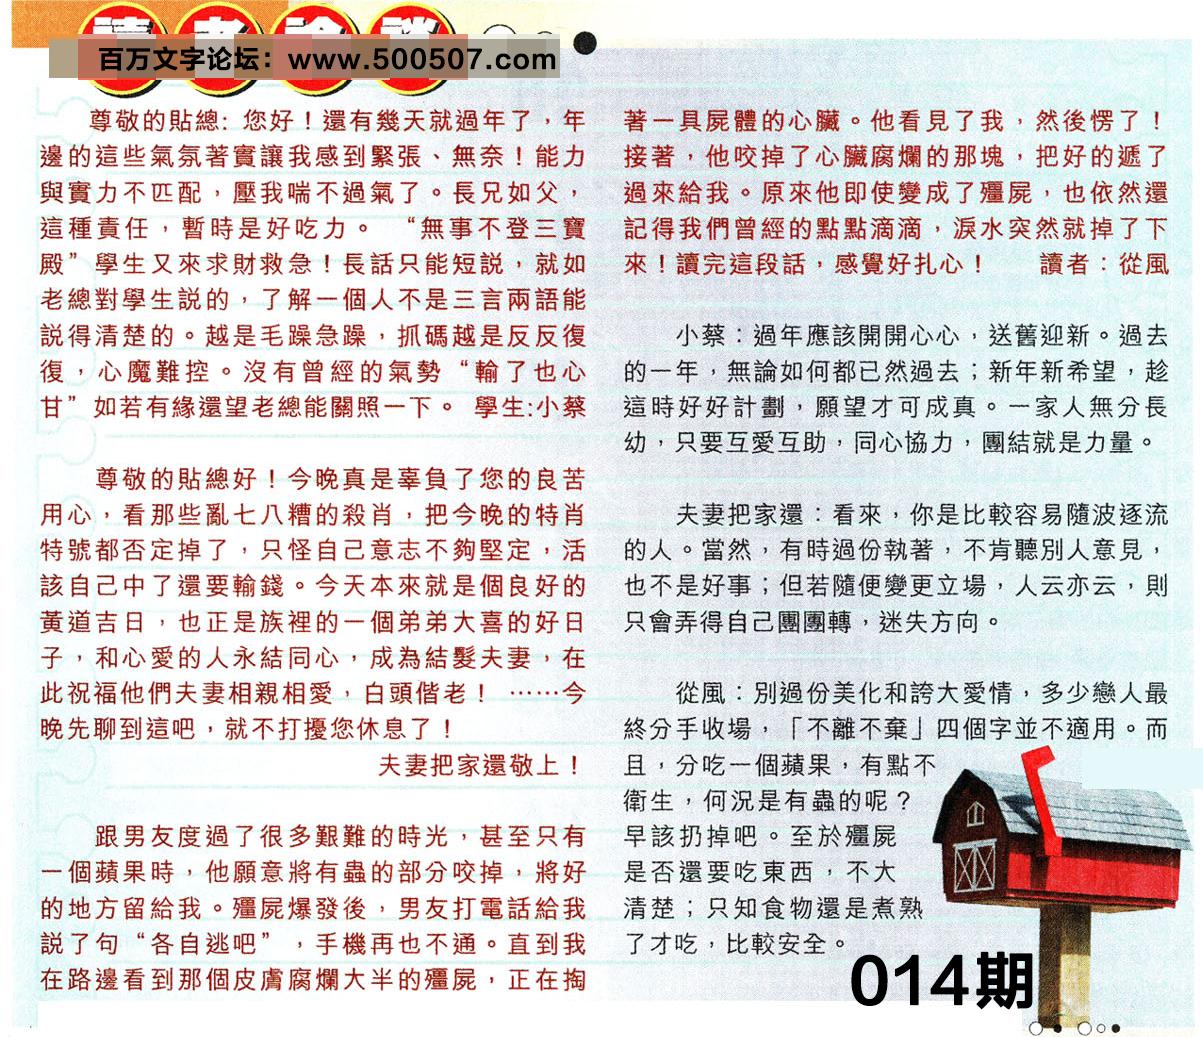 014期:彩民推荐�N信�x者���